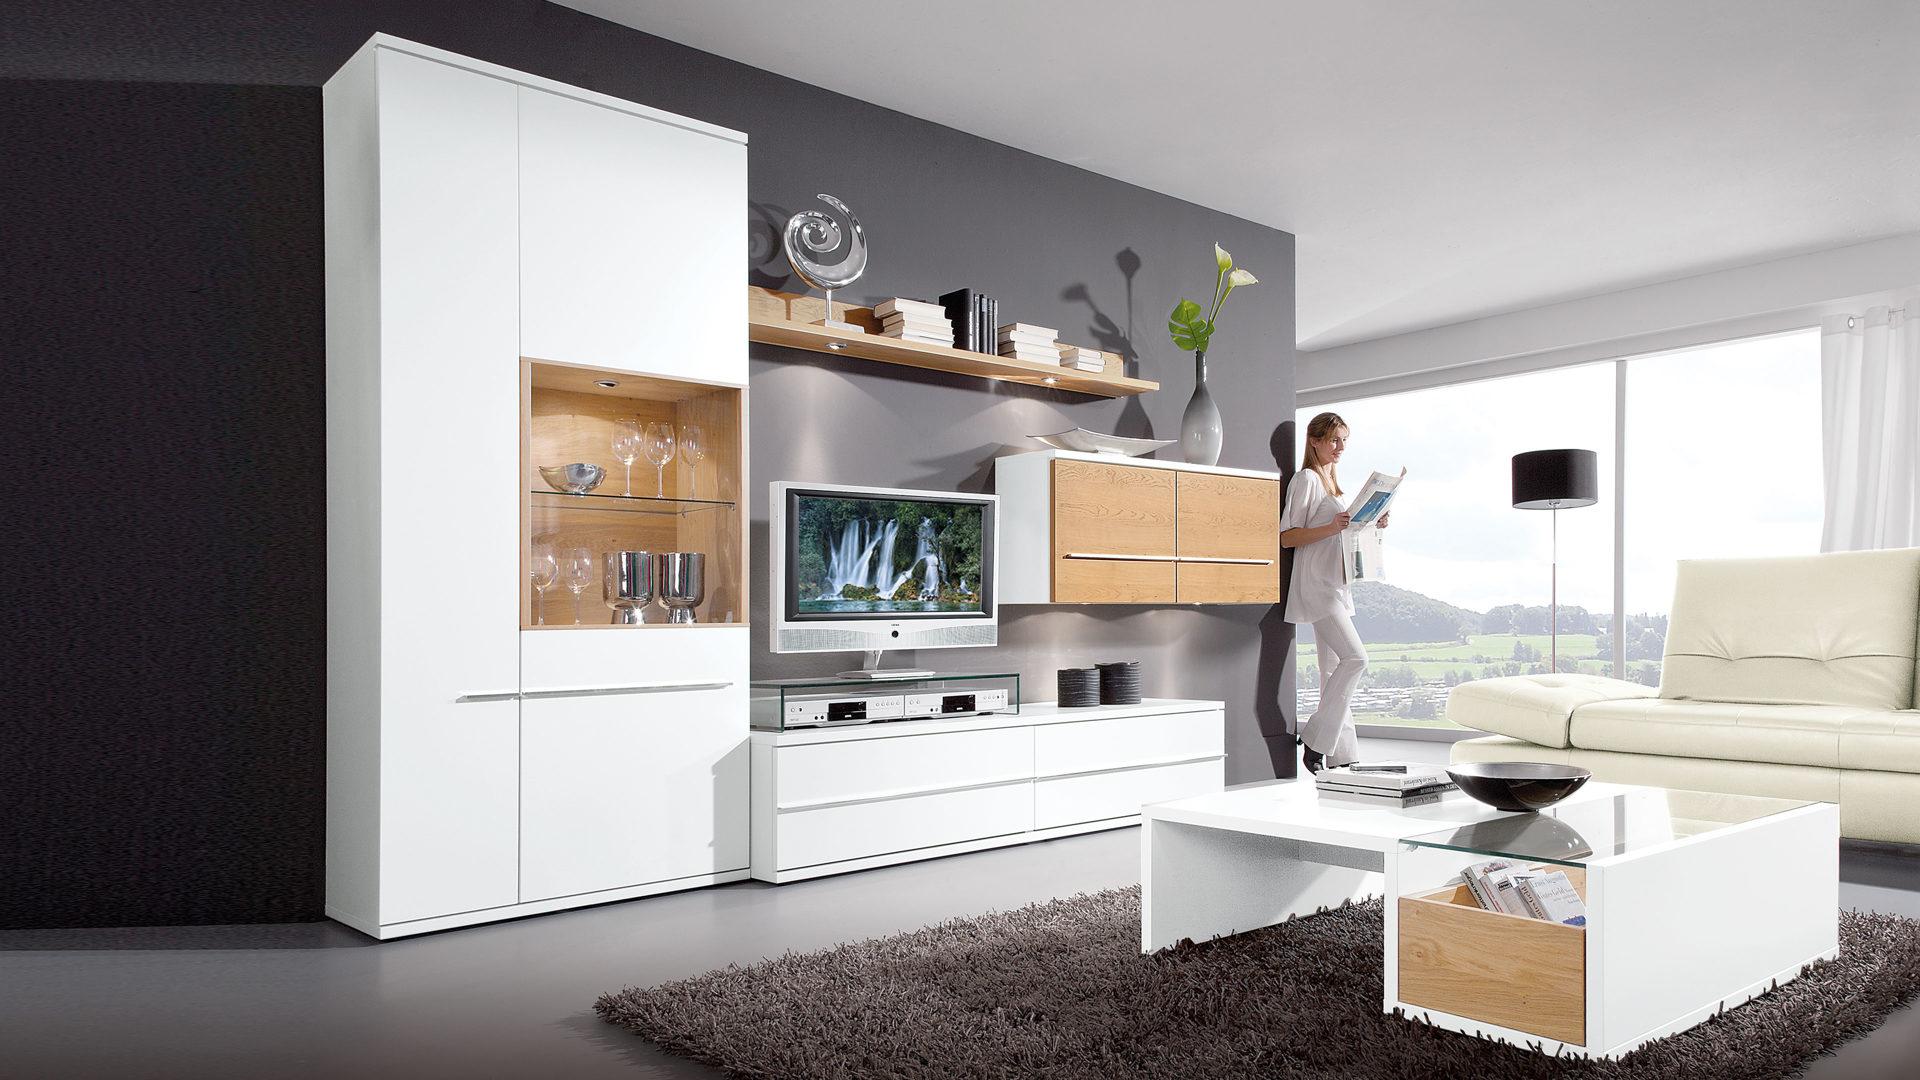 Holzmöbel modern  Einrichtungshaus Hansel Delbrück-Westenholz | Räume | Wohnzimmer ...